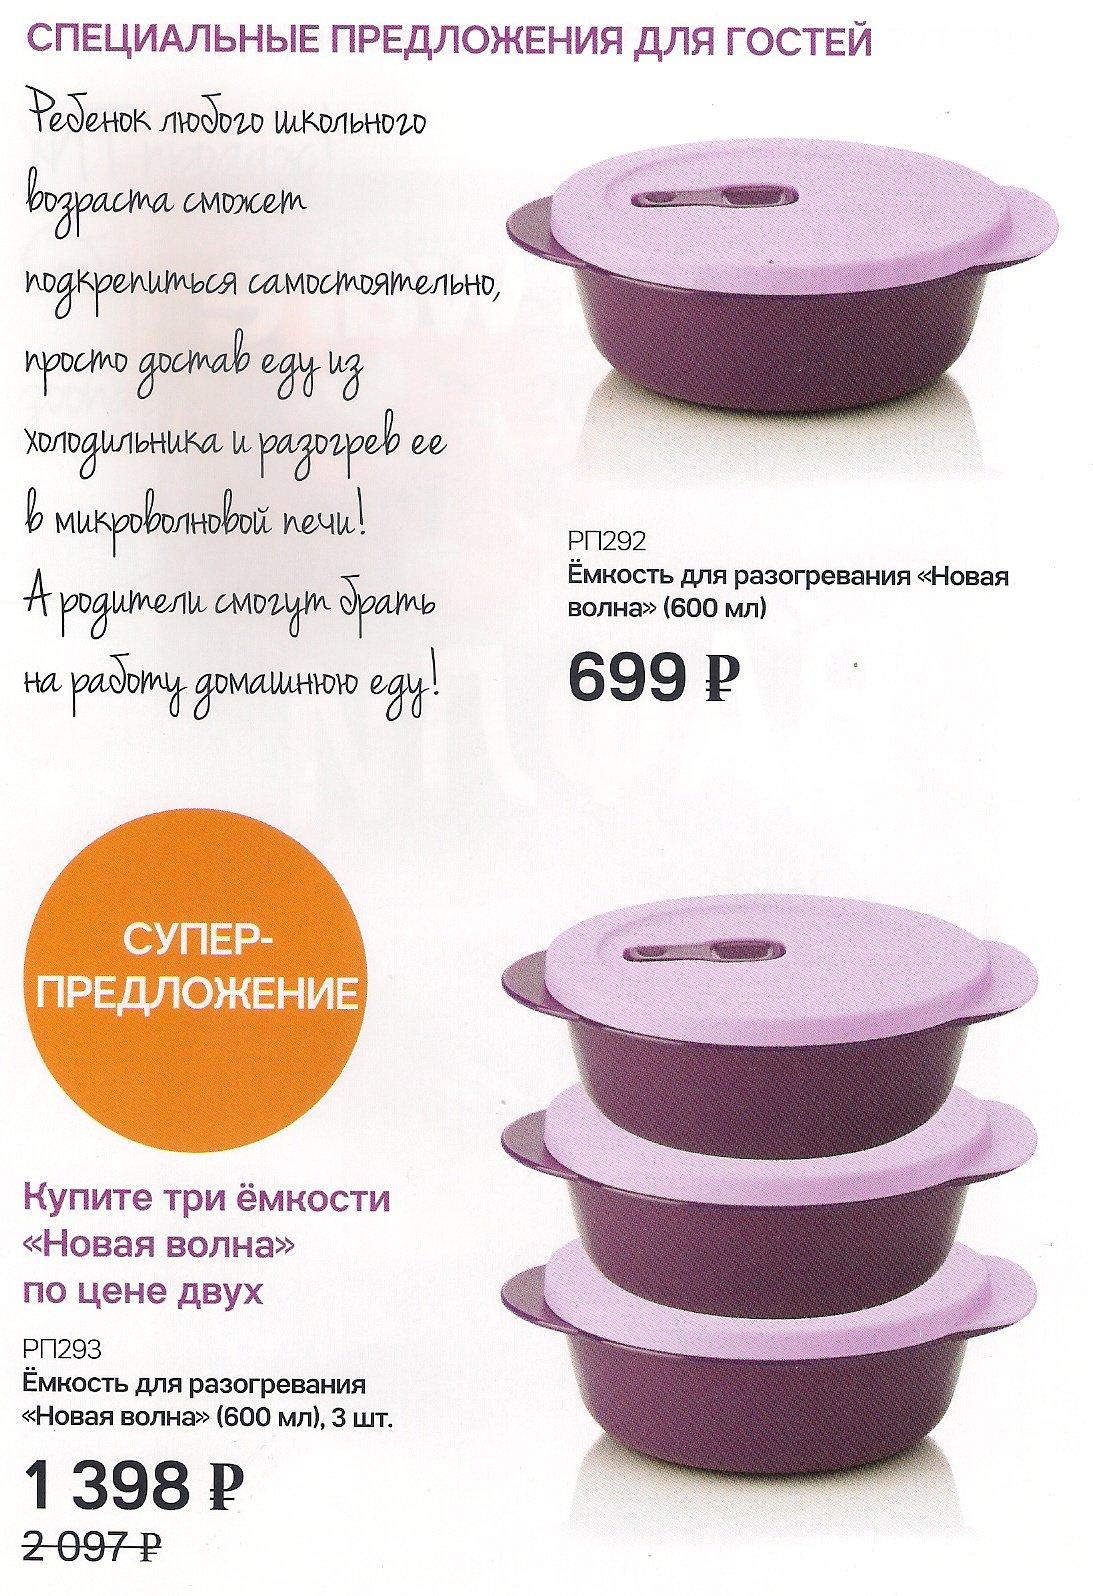 http://tupperware-online.ru/images/upload/12b.jpg